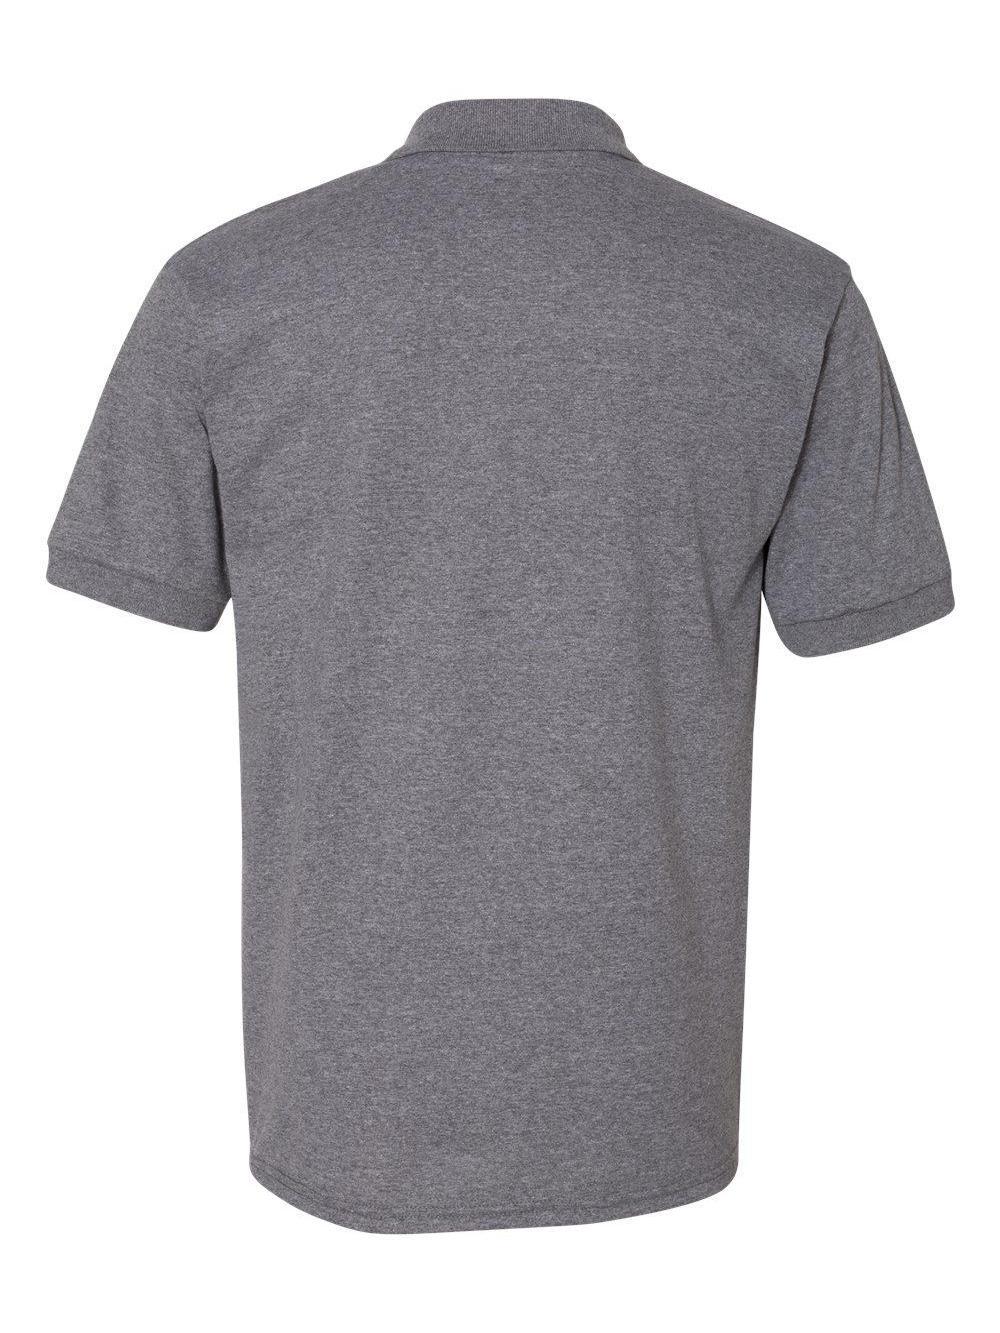 Gildan-DryBlend-Jersey-Sport-Shirt-8800 thumbnail 22